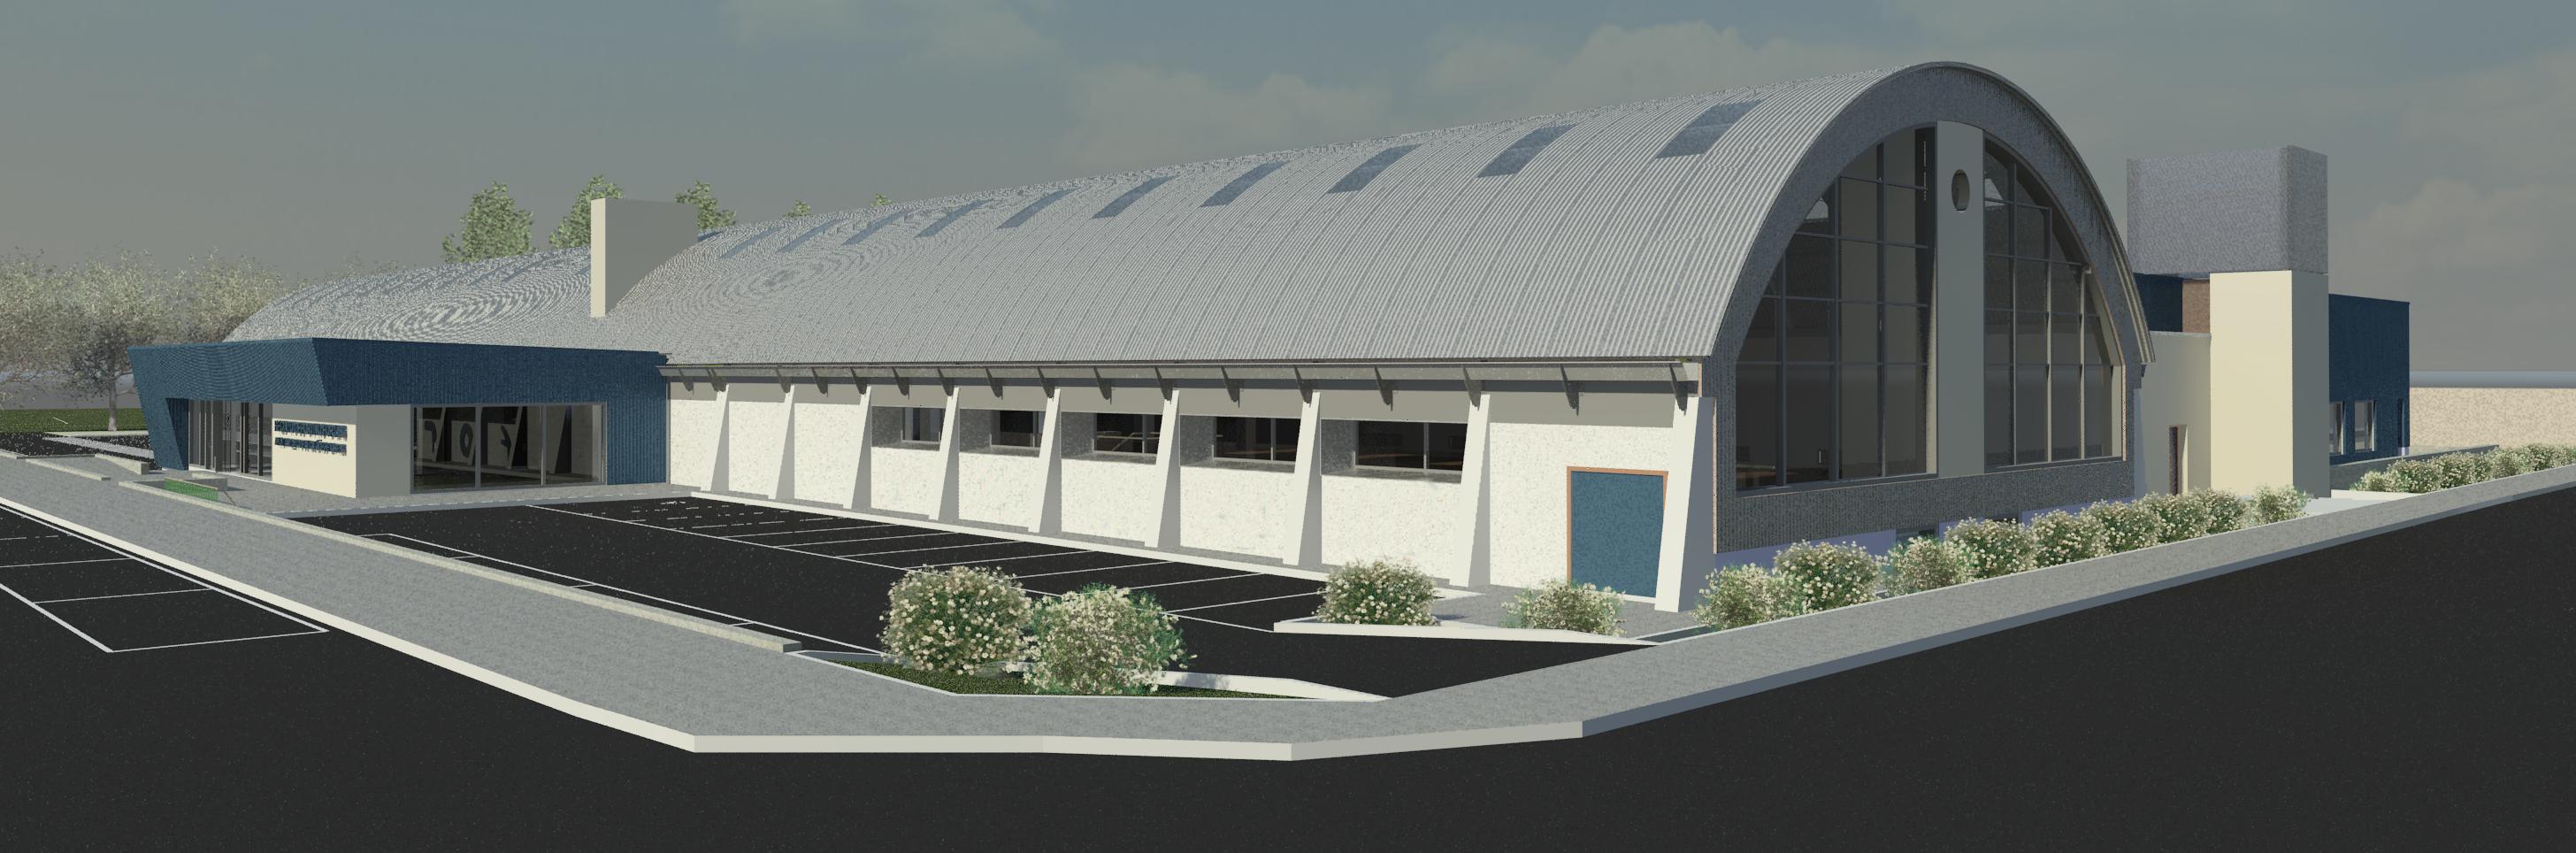 Loeches 6b arquiloeches estudio de arquitectura en madrid - Estudio de arquitectura en madrid ...